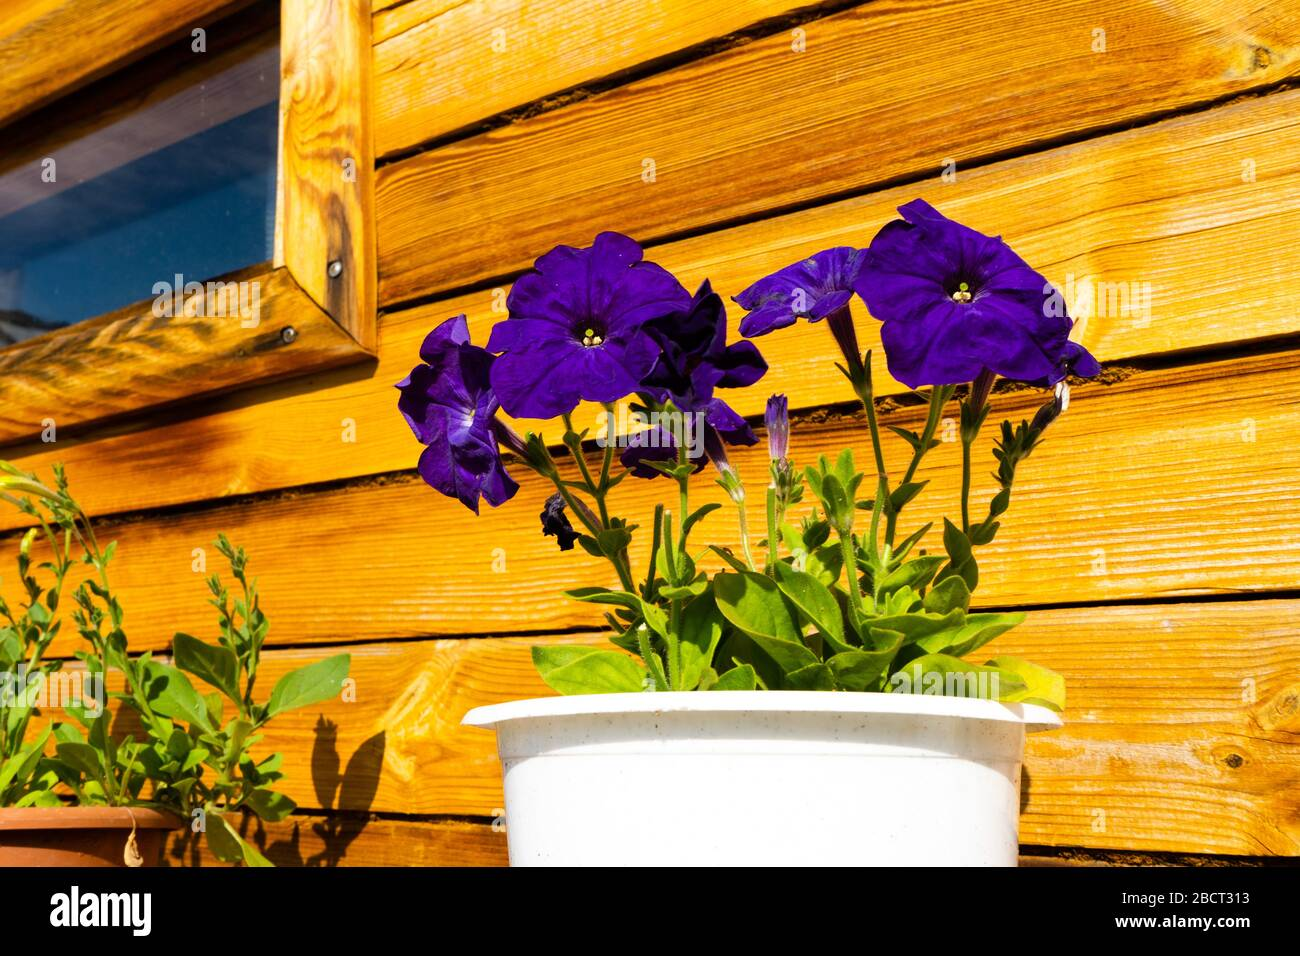 Pétunia violet foncé fleurs dans un pot près d'un mur en bois. Banque D'Images